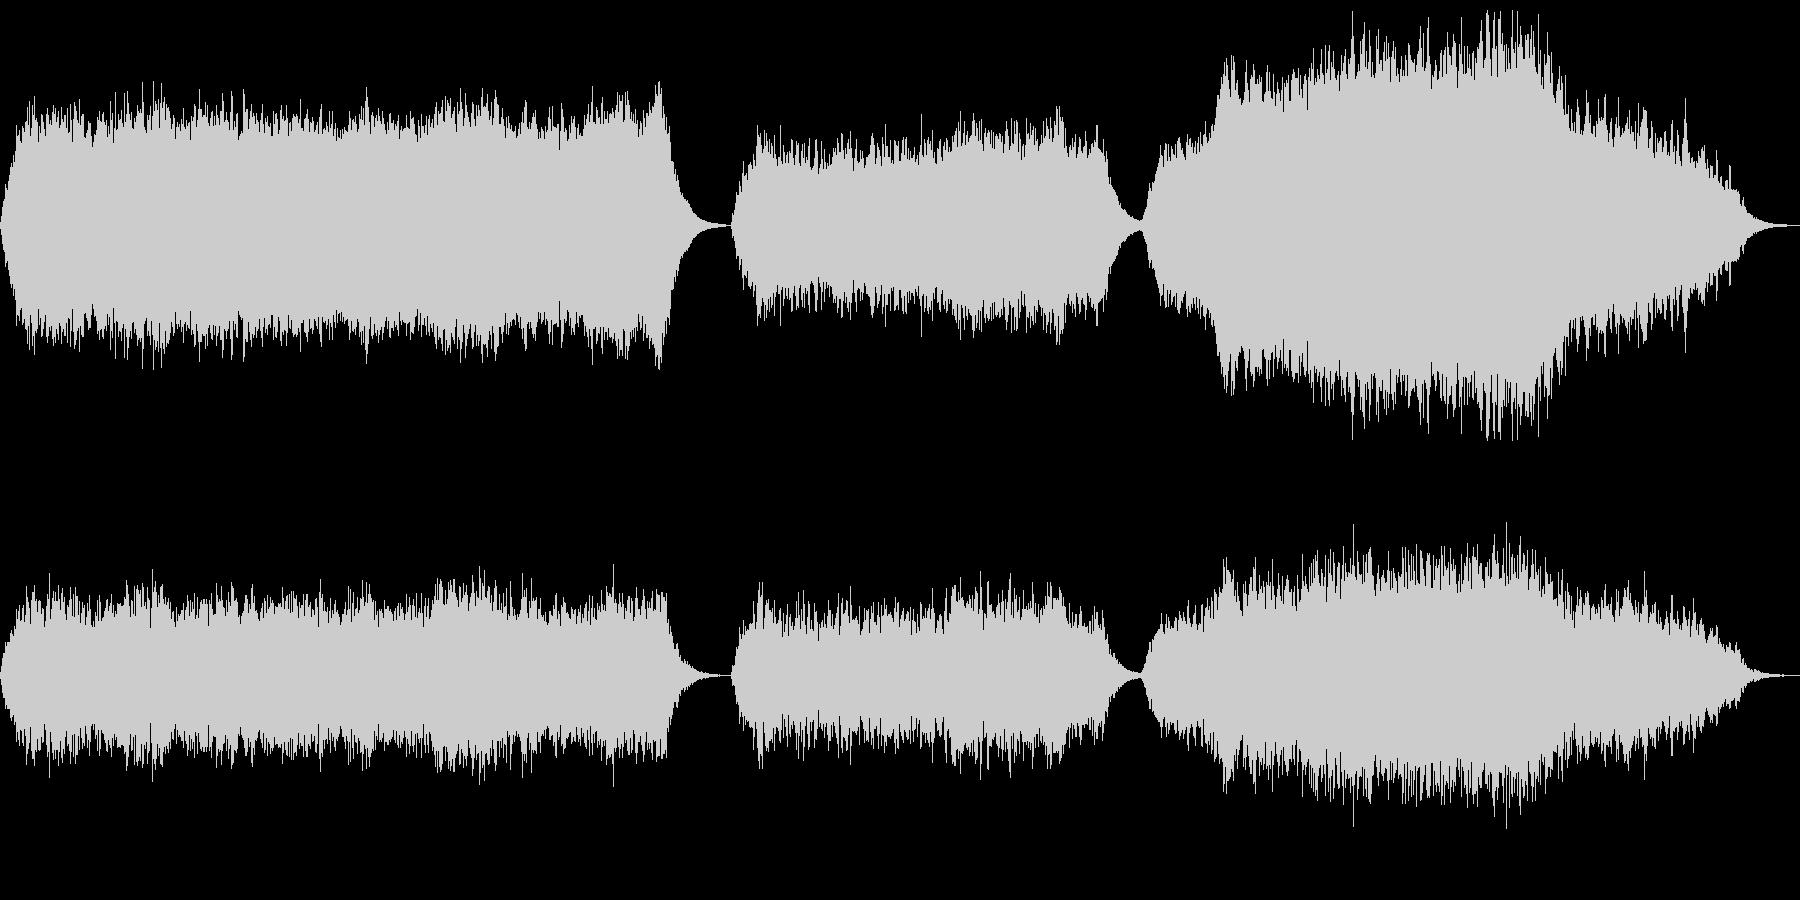 シンセパッドによる音響素材の未再生の波形